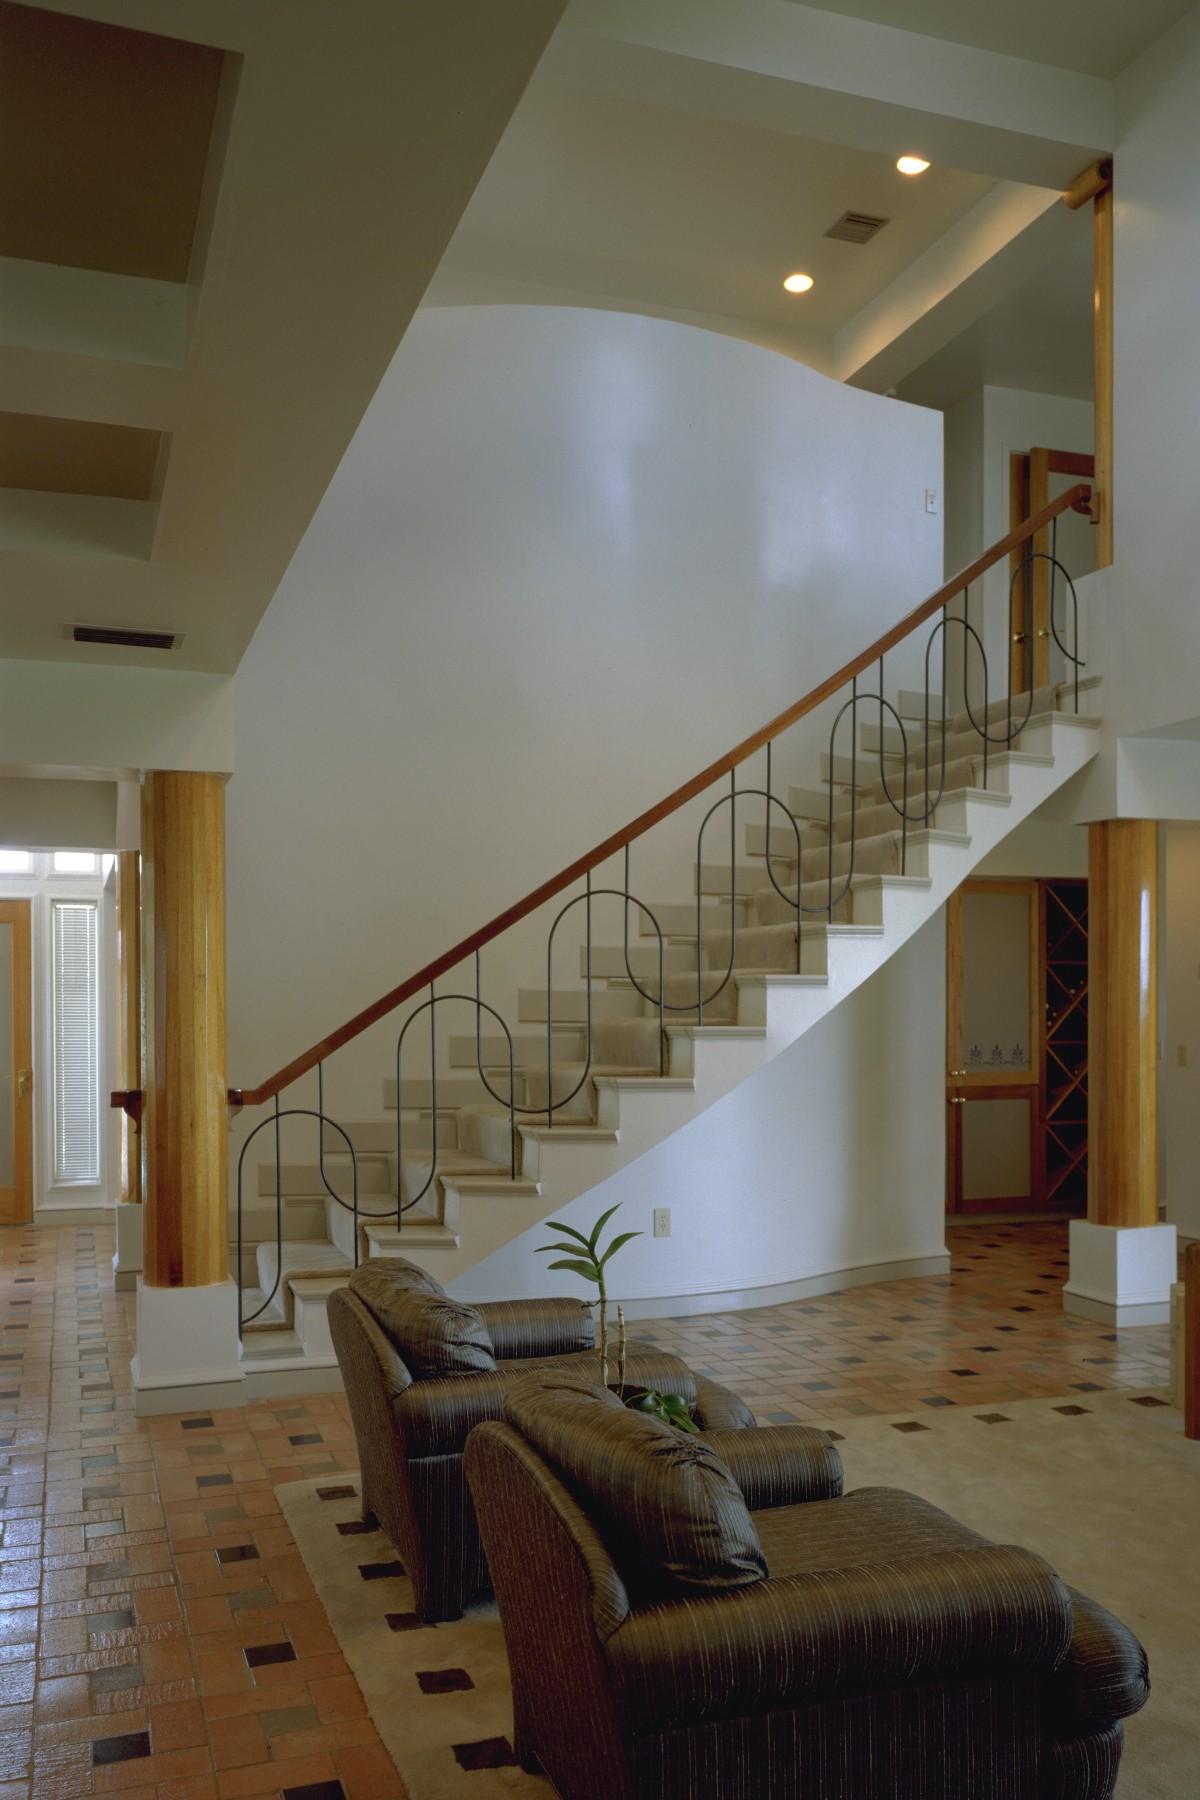 richter residence stair.jpg